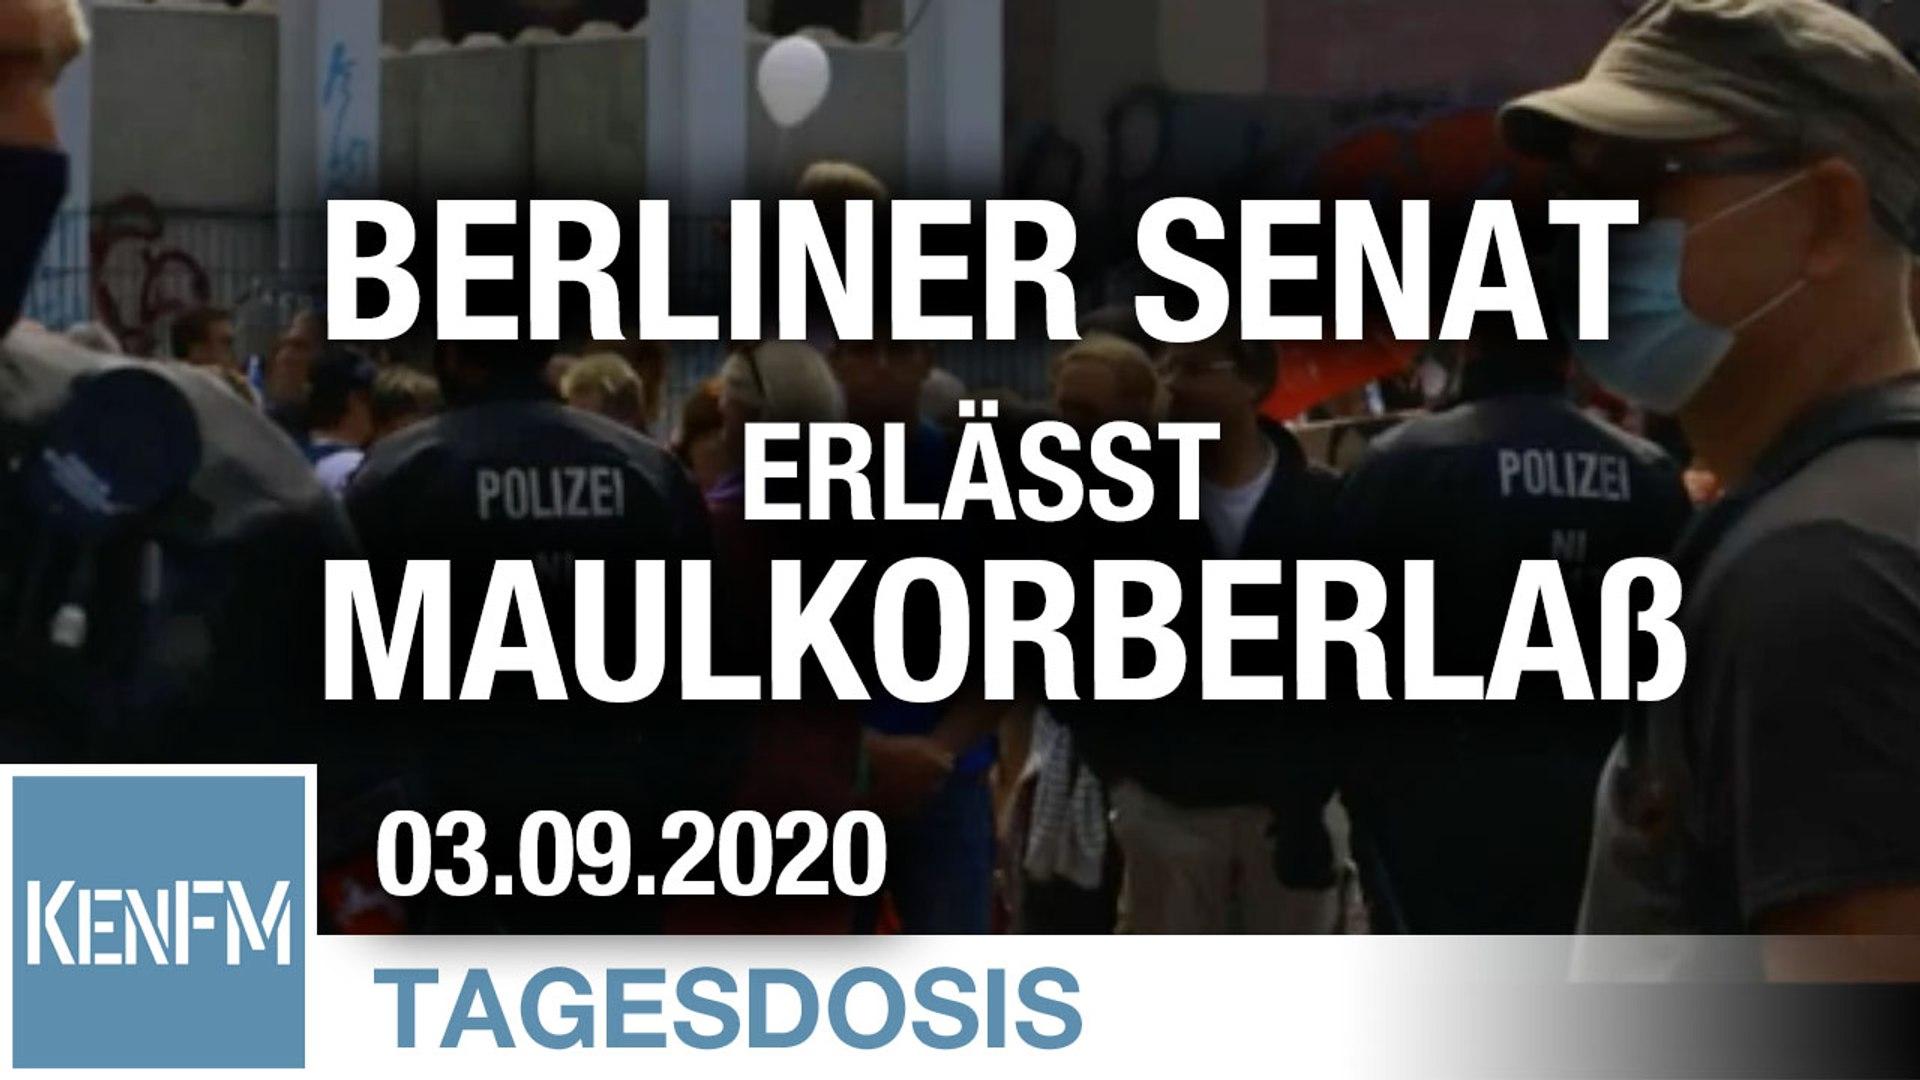 Berliner Senat erlässt Maulkorberlaß | Von Bernhard Loyen